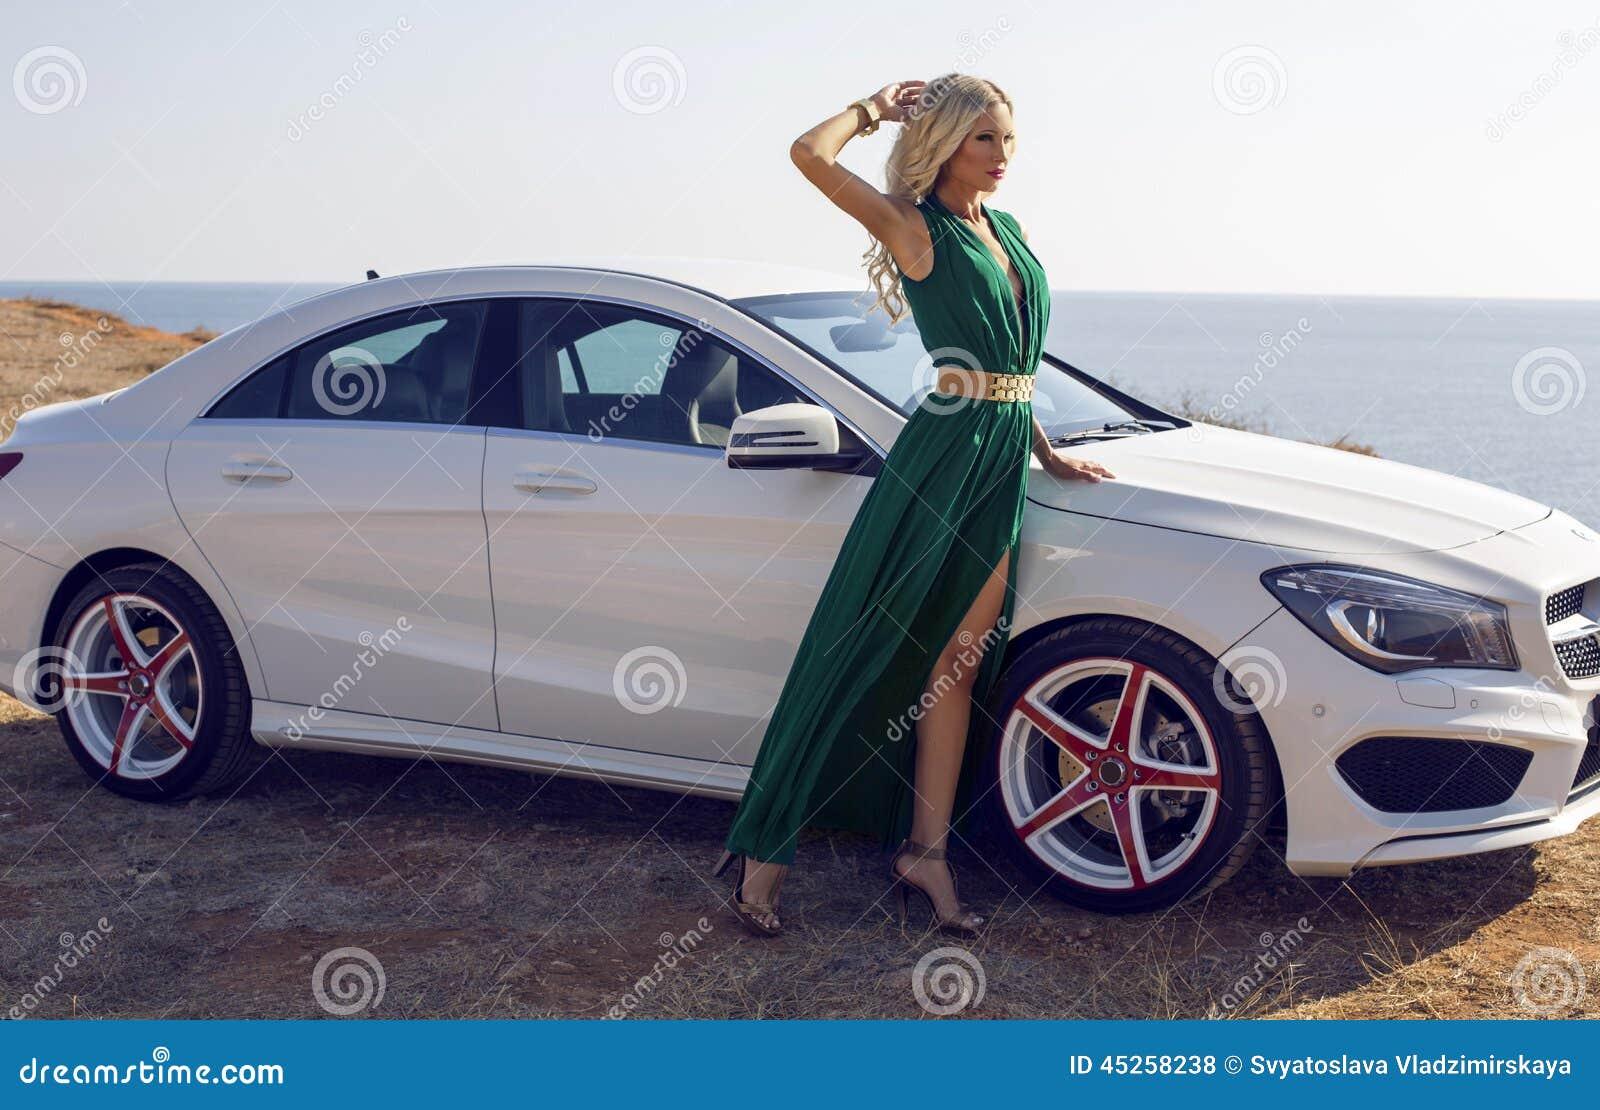 belle femme avec les cheveux blonds posant pr s d 39 une voiture de luxe photo stock image du. Black Bedroom Furniture Sets. Home Design Ideas